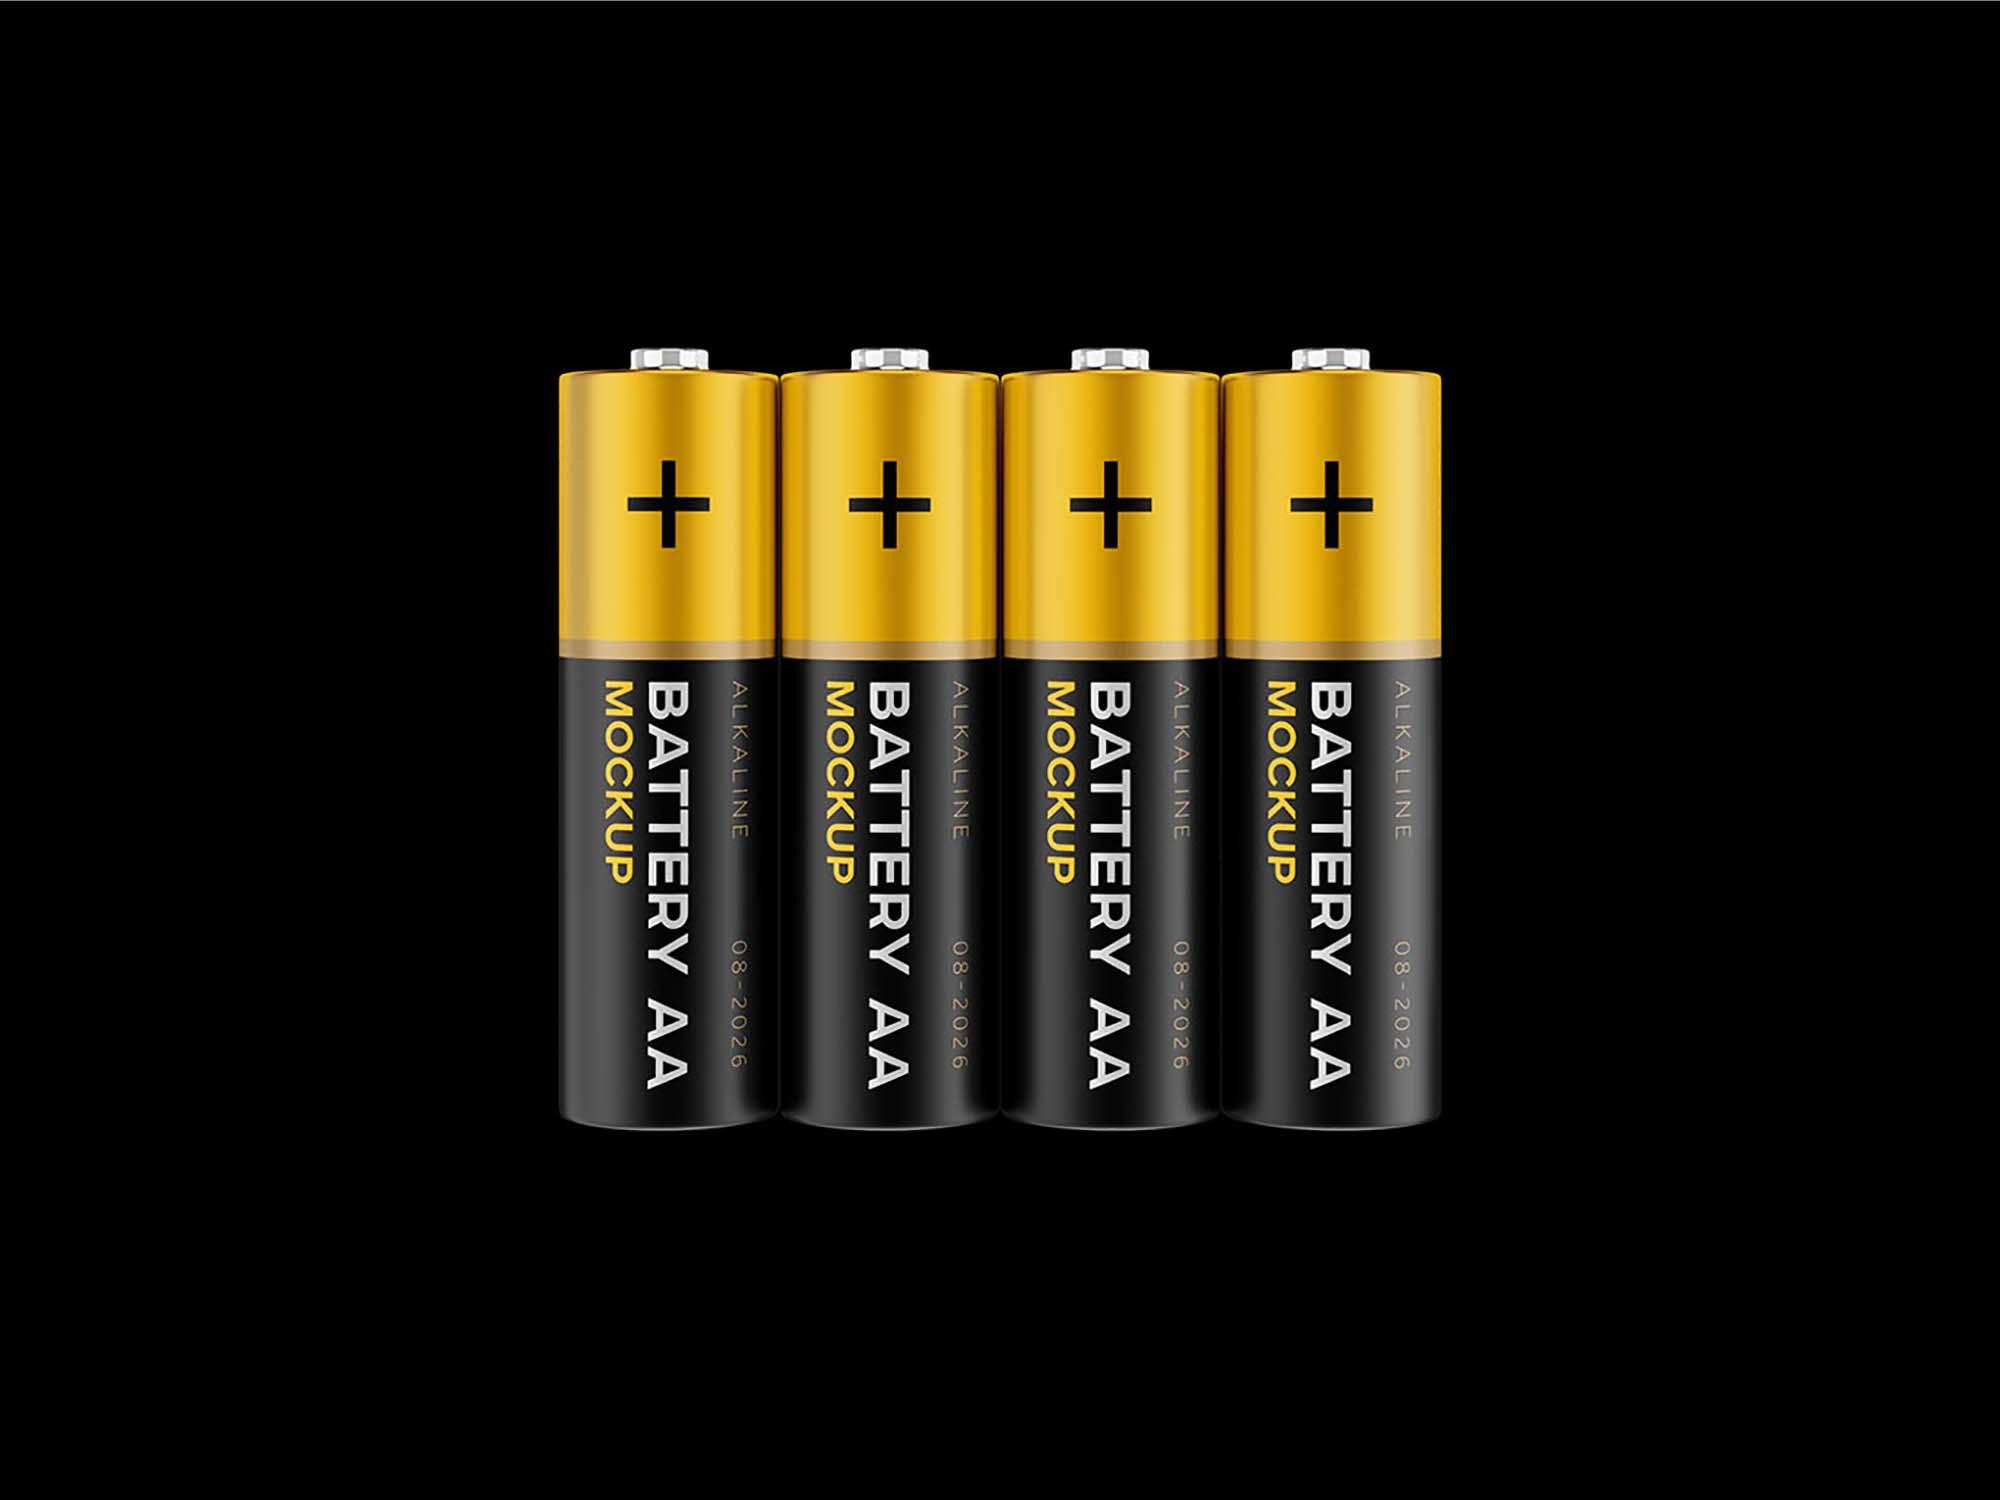 AA Battery Mockup 2